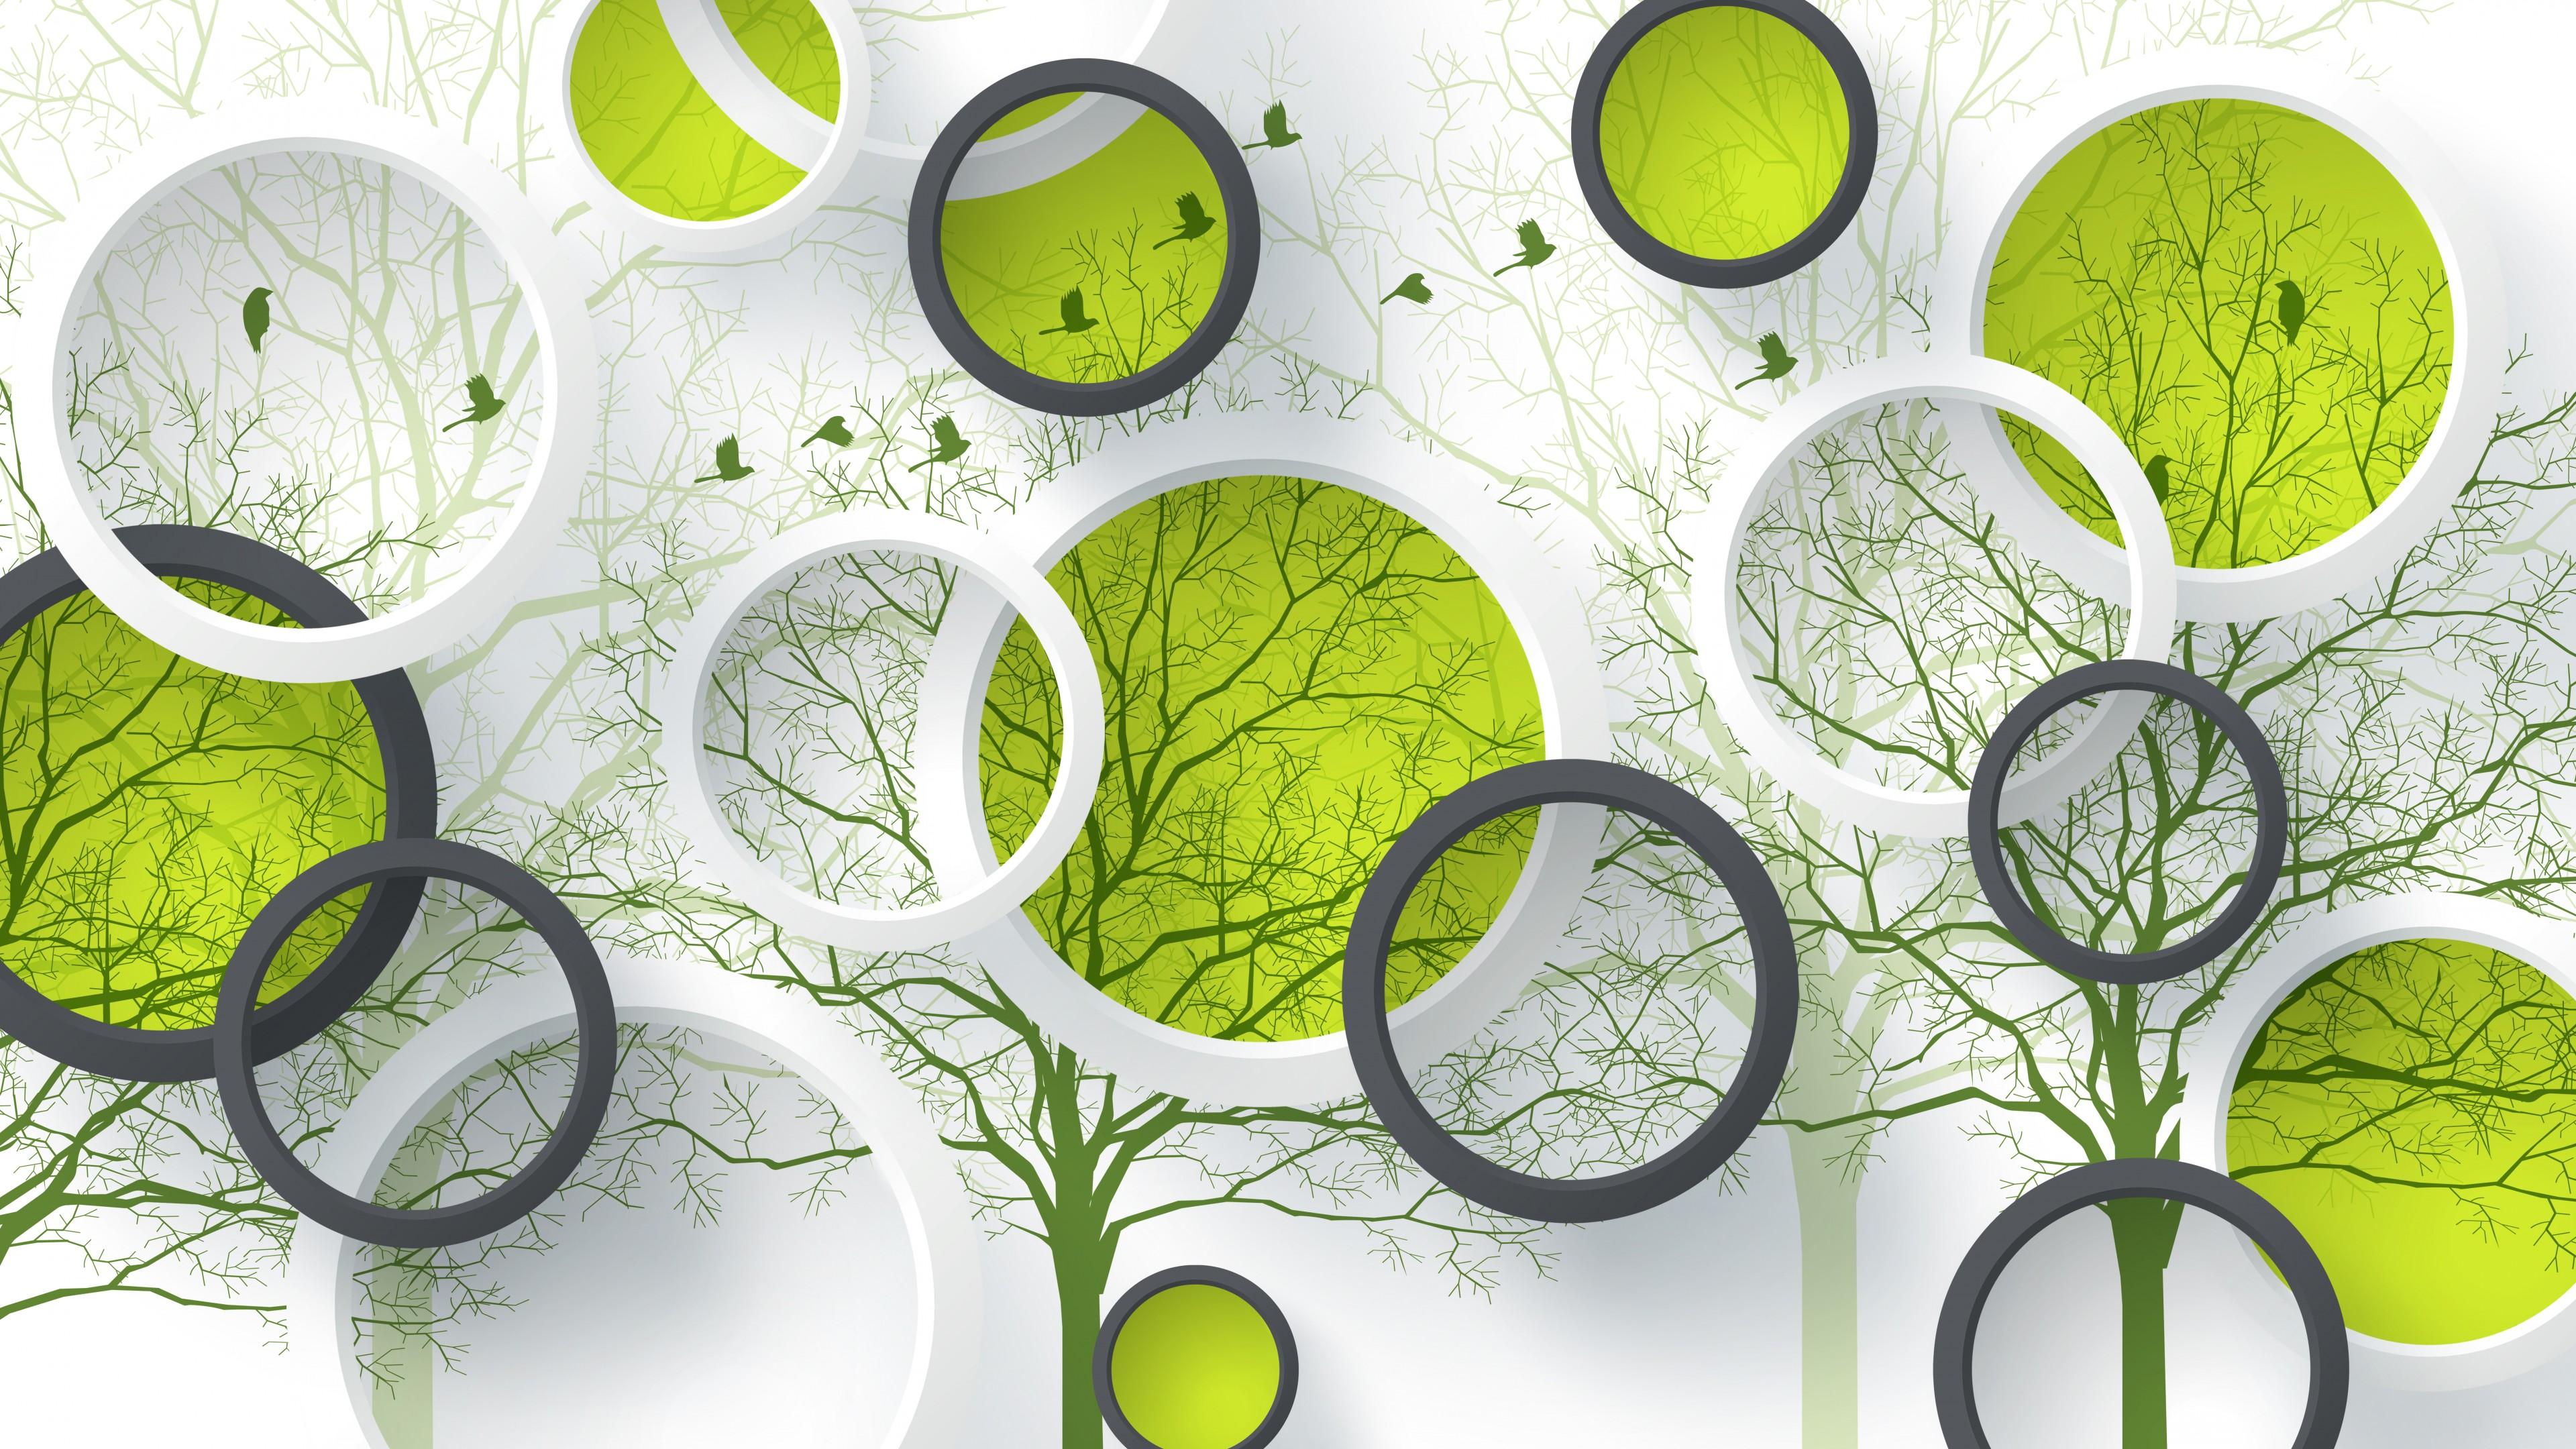 Рисунок деревья и птицы в зеленых и белых кольцах